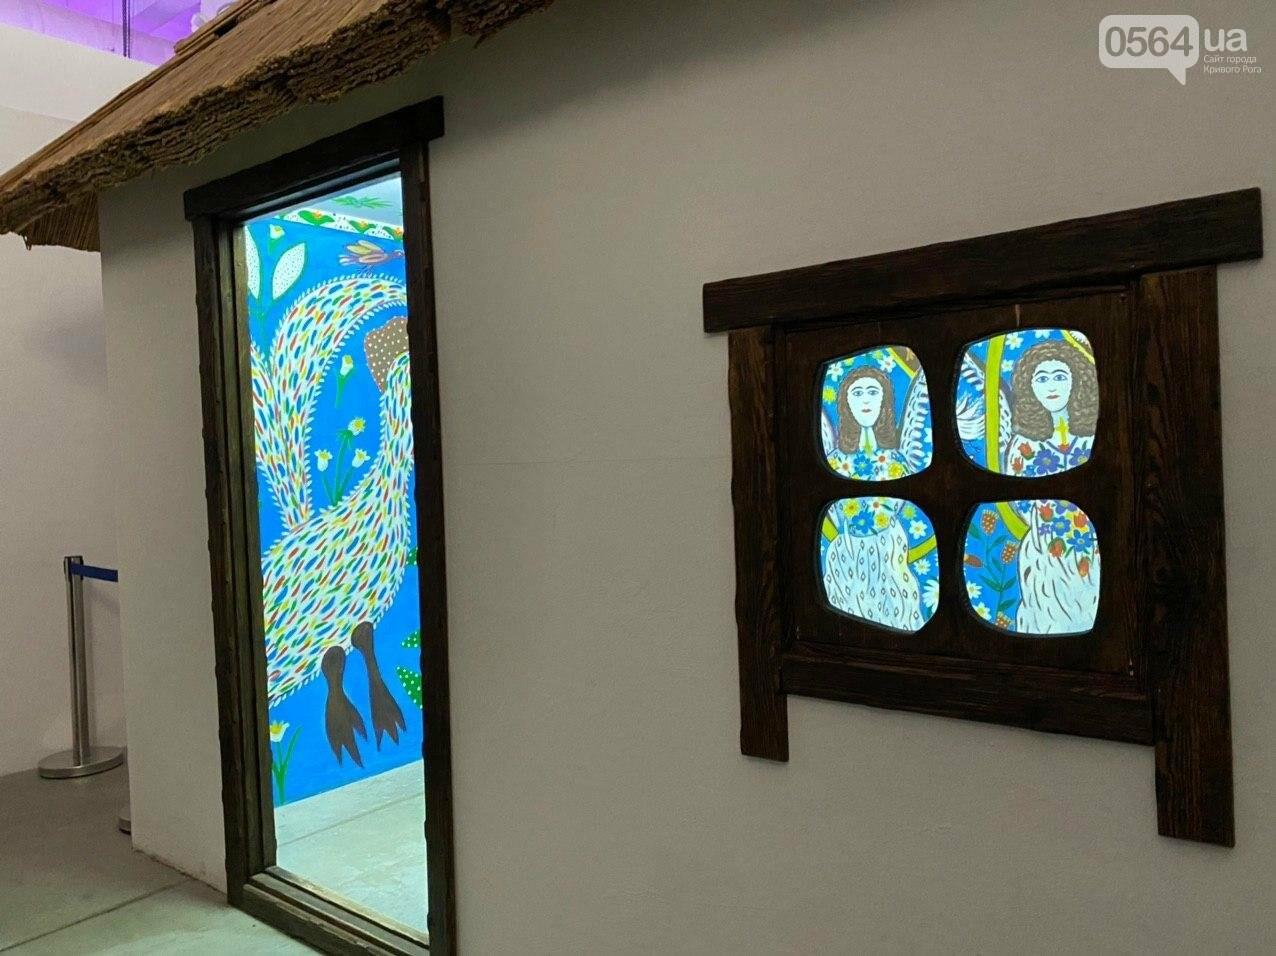 Ukraine WOW: что можно было узнать о Кривом Роге на интерактивной выставке, - ФОТО , фото-105